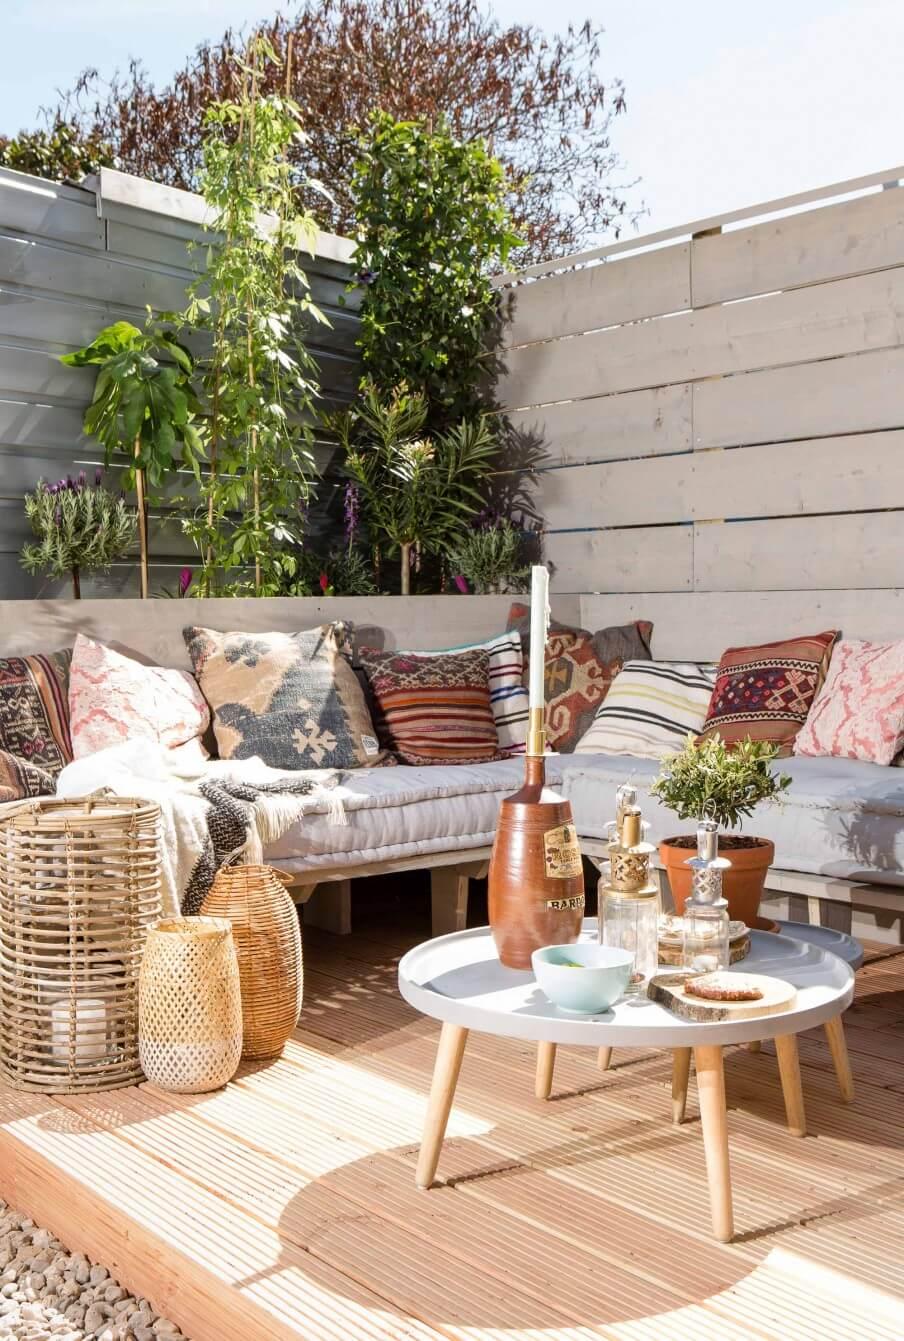 TE1 - Inspiration déco : comment décorer la terrasse avec succès ?